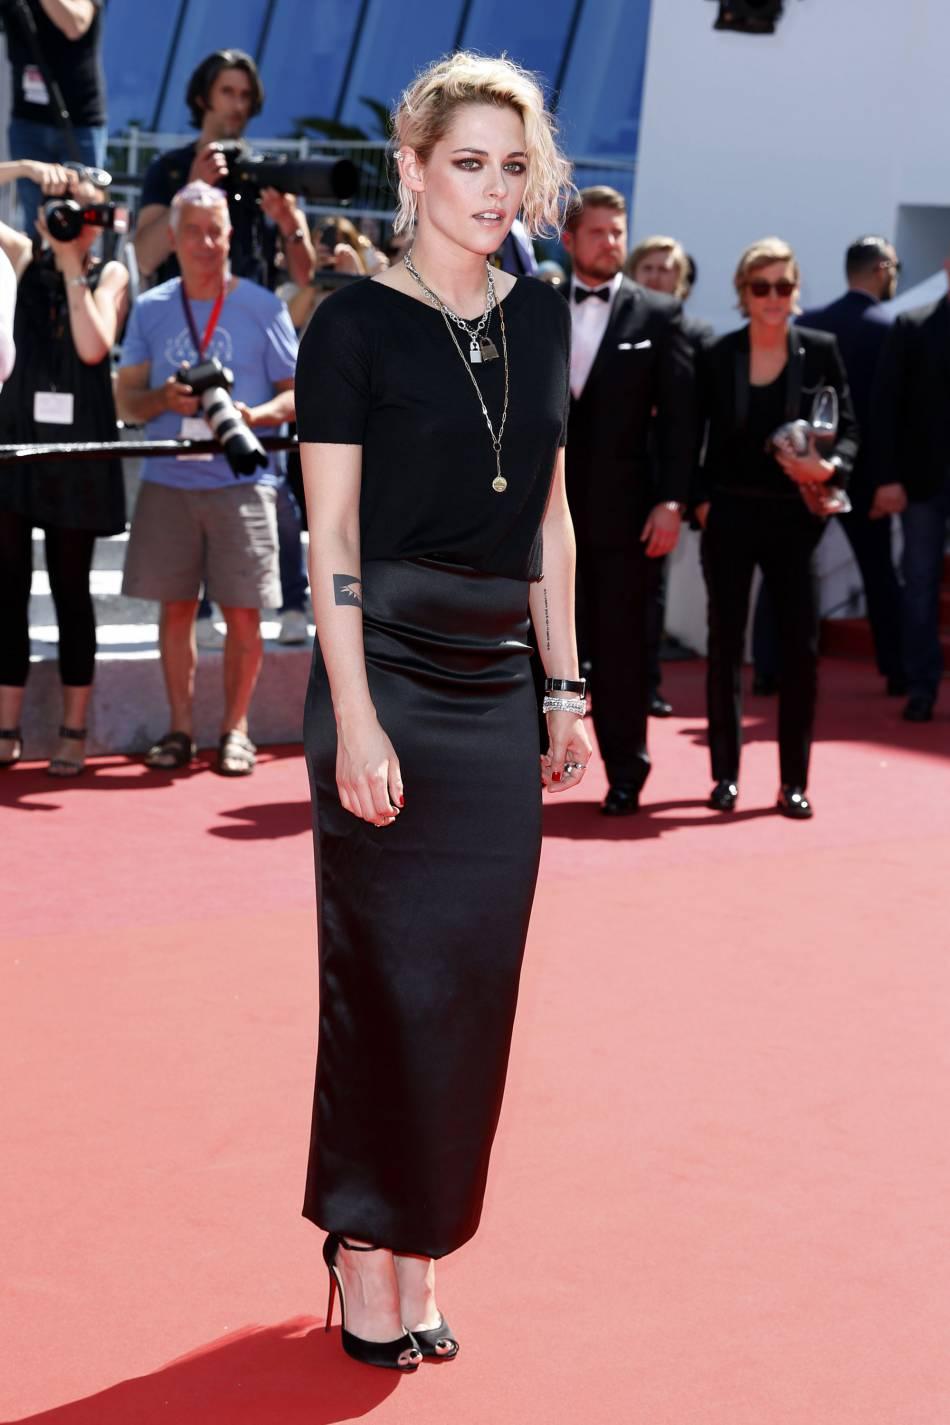 """Kristen Stewart en total look Chanel et escarpins Christian Louboutin lors de la montée des marches de """"American Honey"""" le 15 mai 2016 à Cannes."""